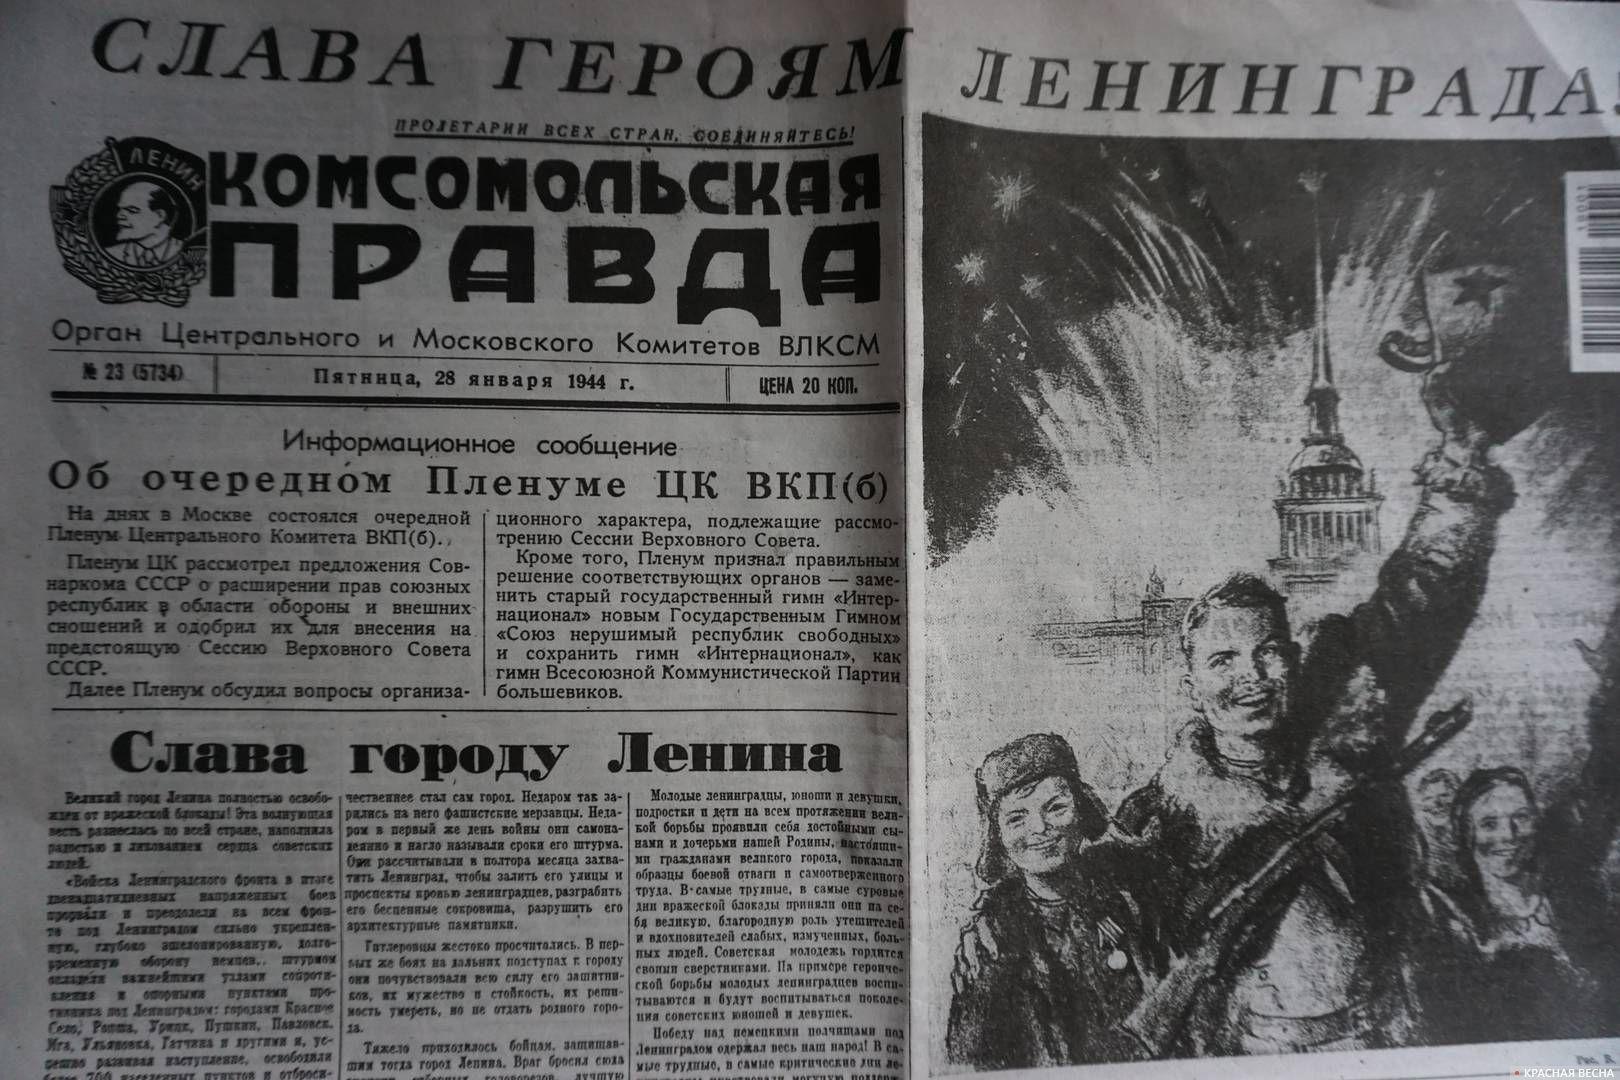 Фрагмент первой страницы ретрономера «Комсомольской правды» от 28 января 1944 года. 27.01.2019